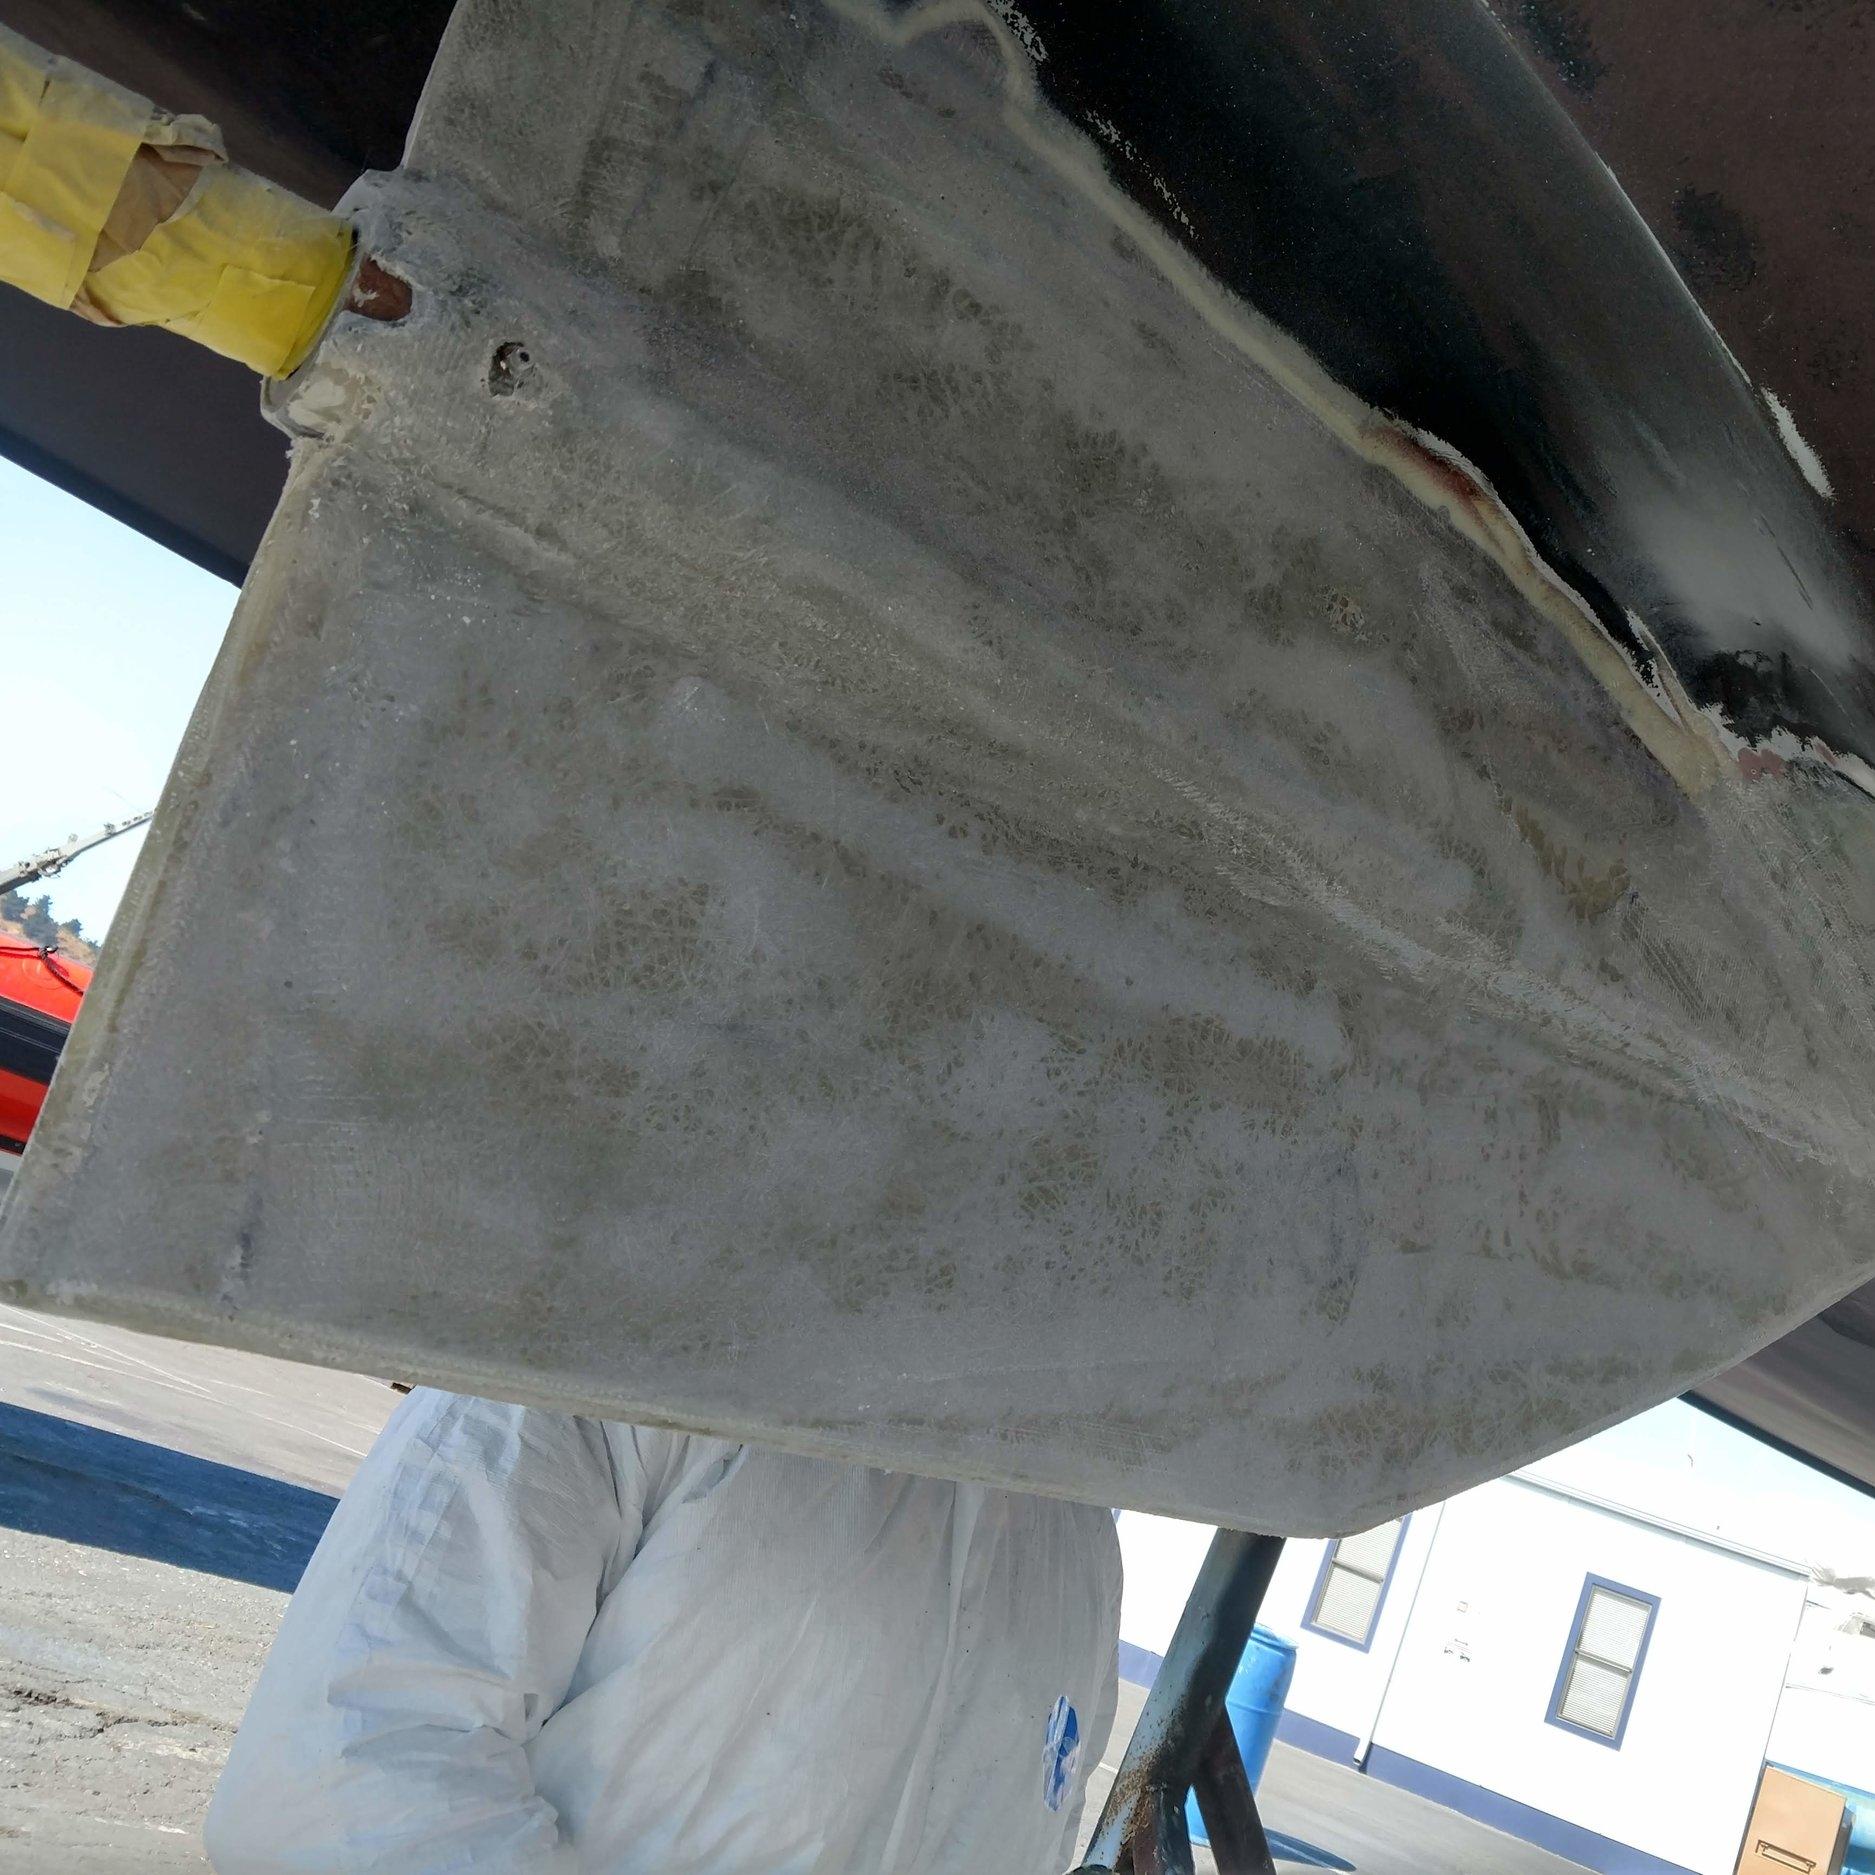 Fiberglass Skeg Rebuild - A damaged skeg is removed and rebuilt from scratch.